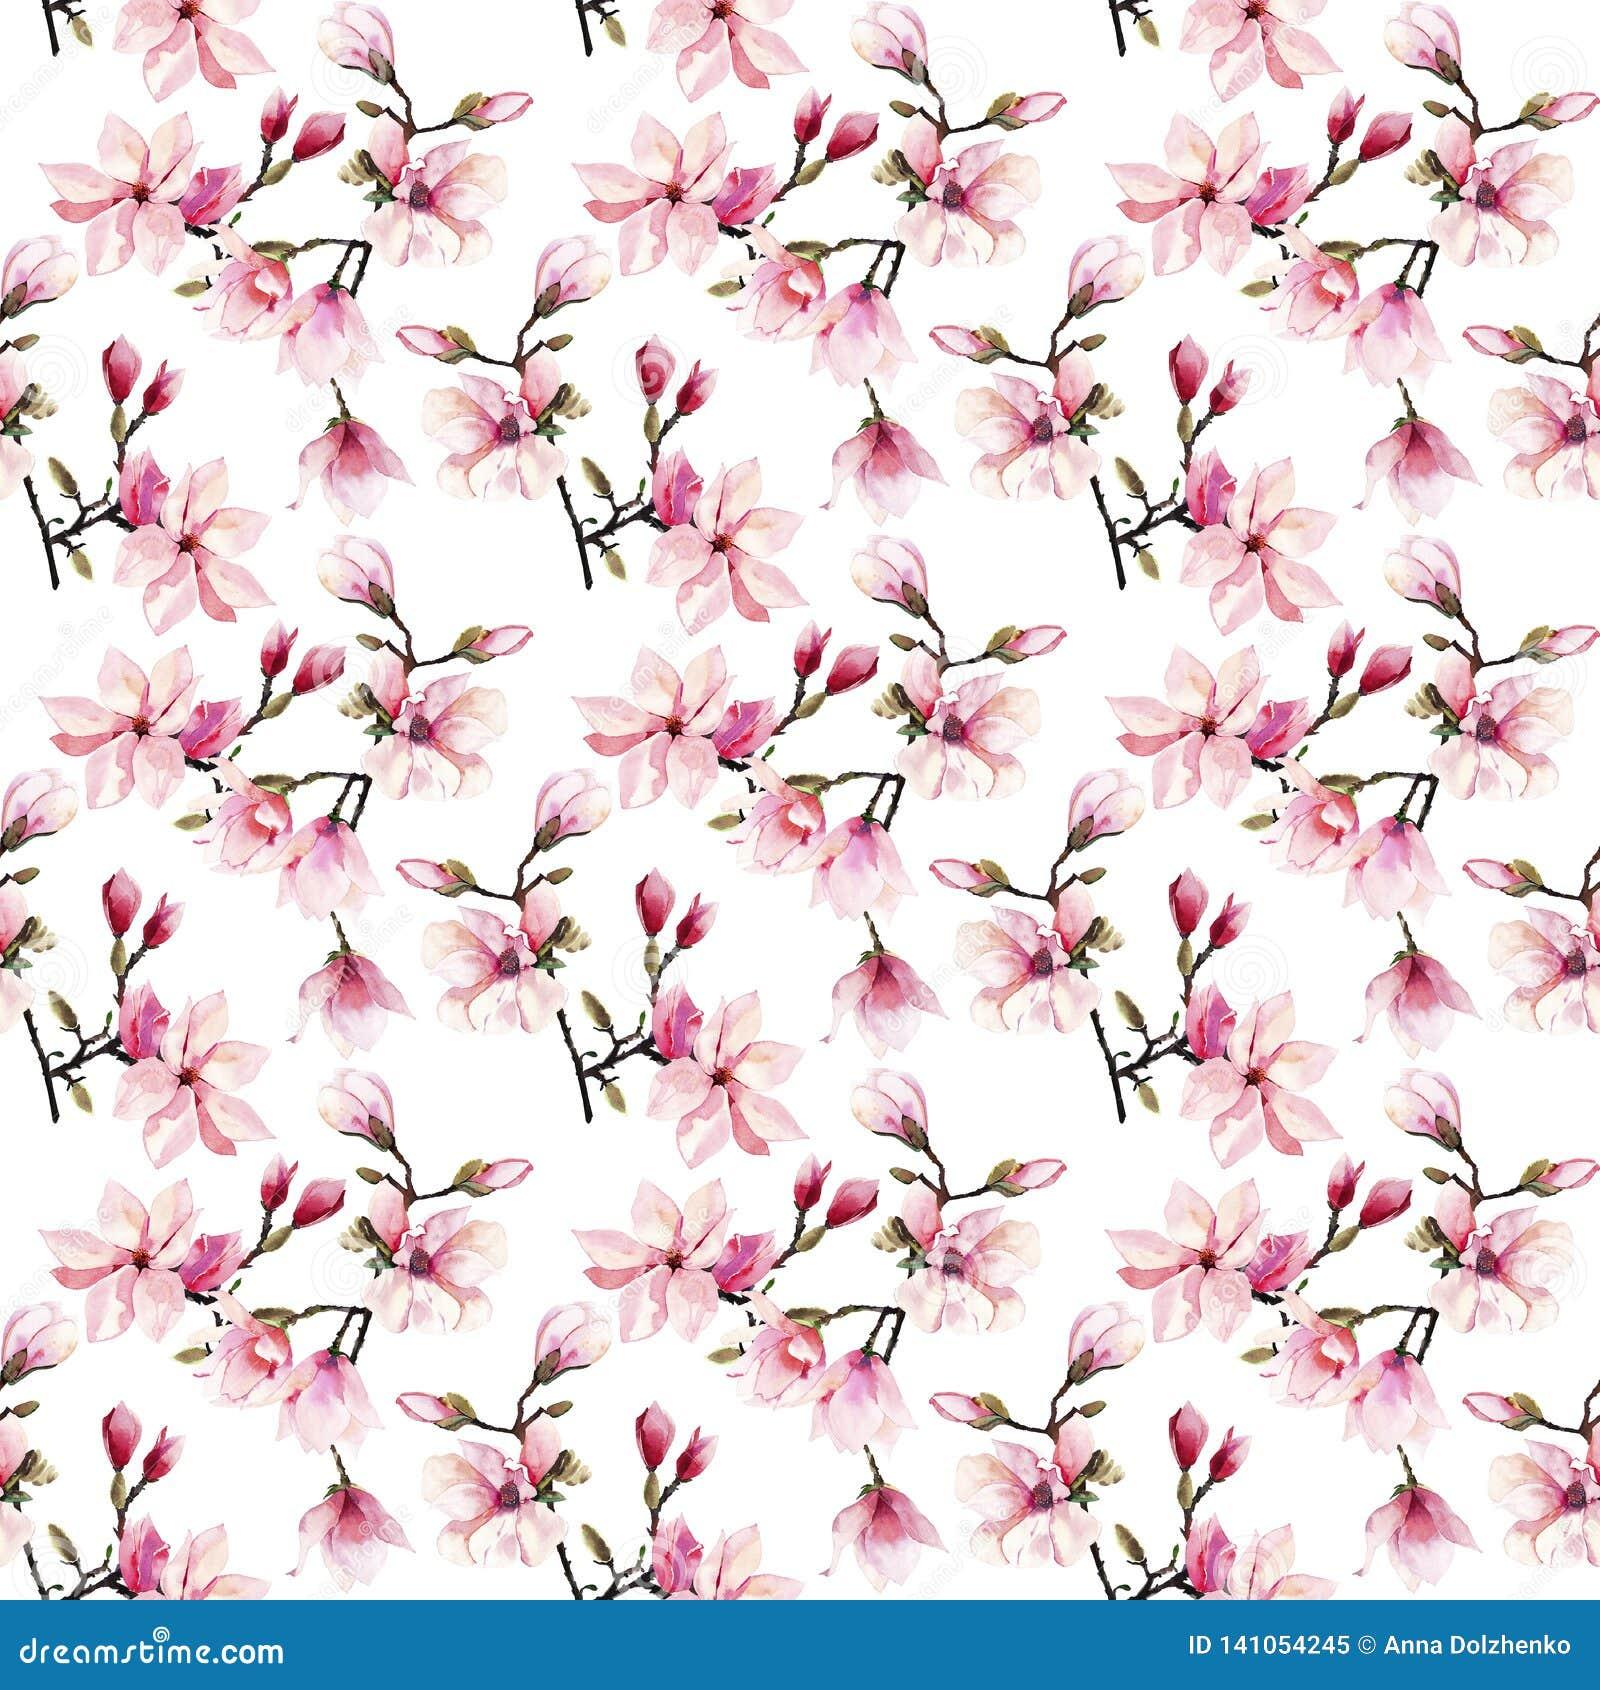 Modelo floral maravilloso herbario del verano de la oferta preciosa hermosa de las flores japonesas rosadas de una magnolia